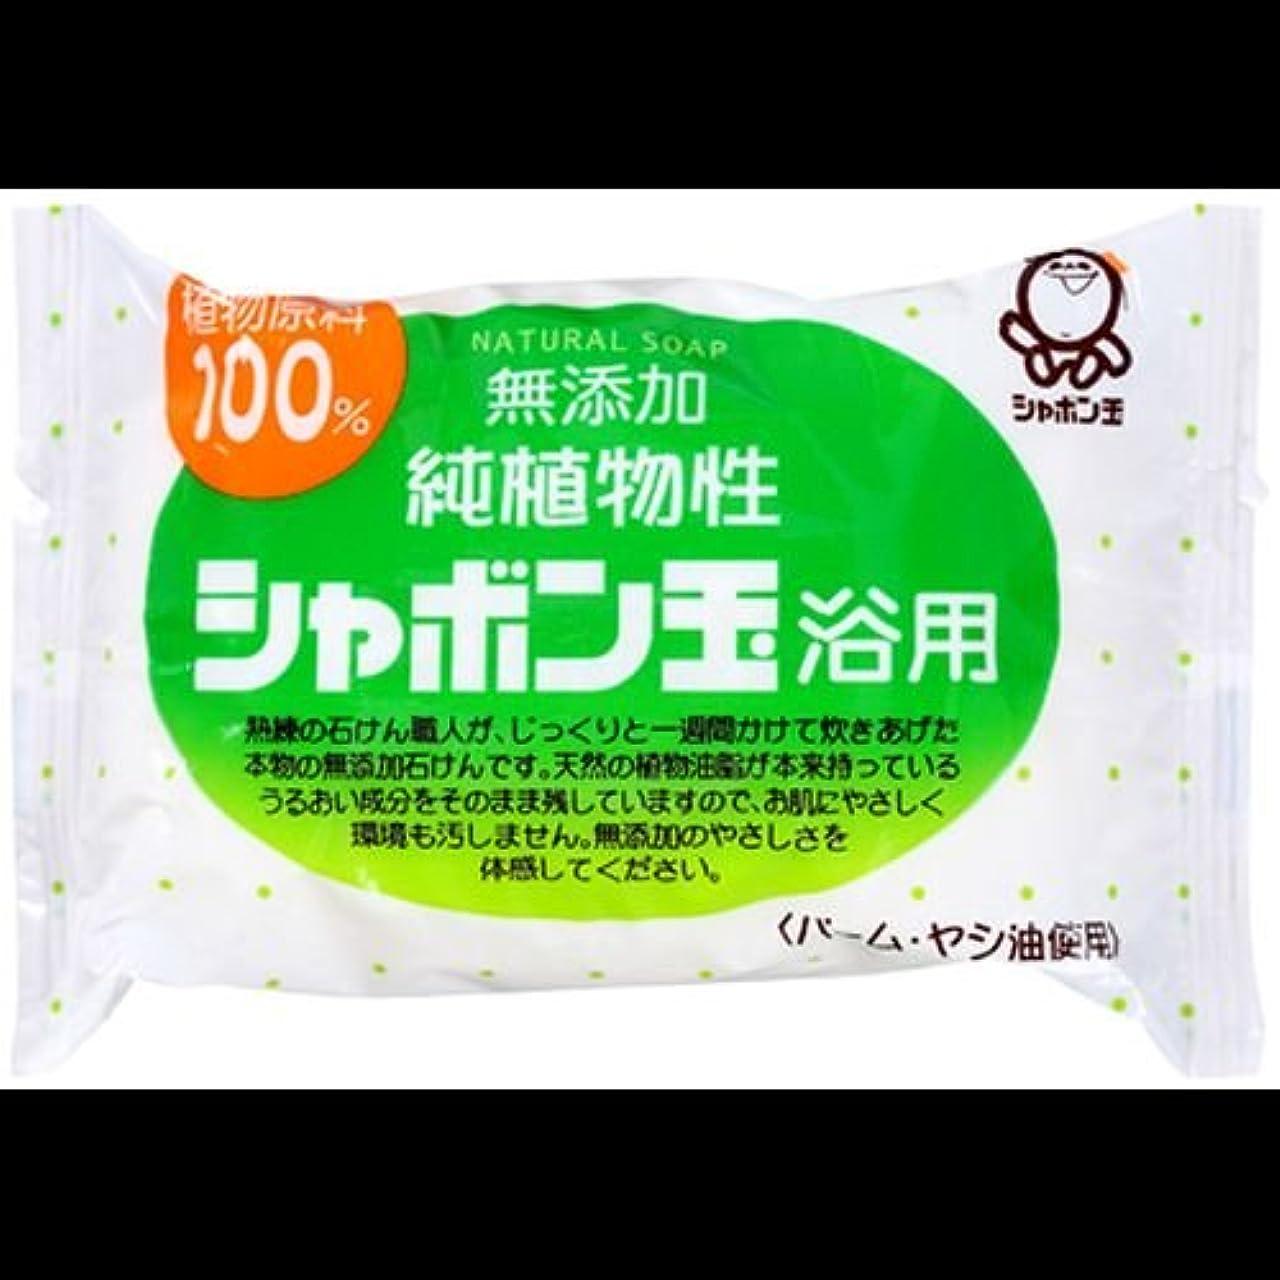 参照交流する狂った【まとめ買い】シャボン玉 無添加 純植物性 シャボン玉浴用石けん 純植物性 100g ×2セット